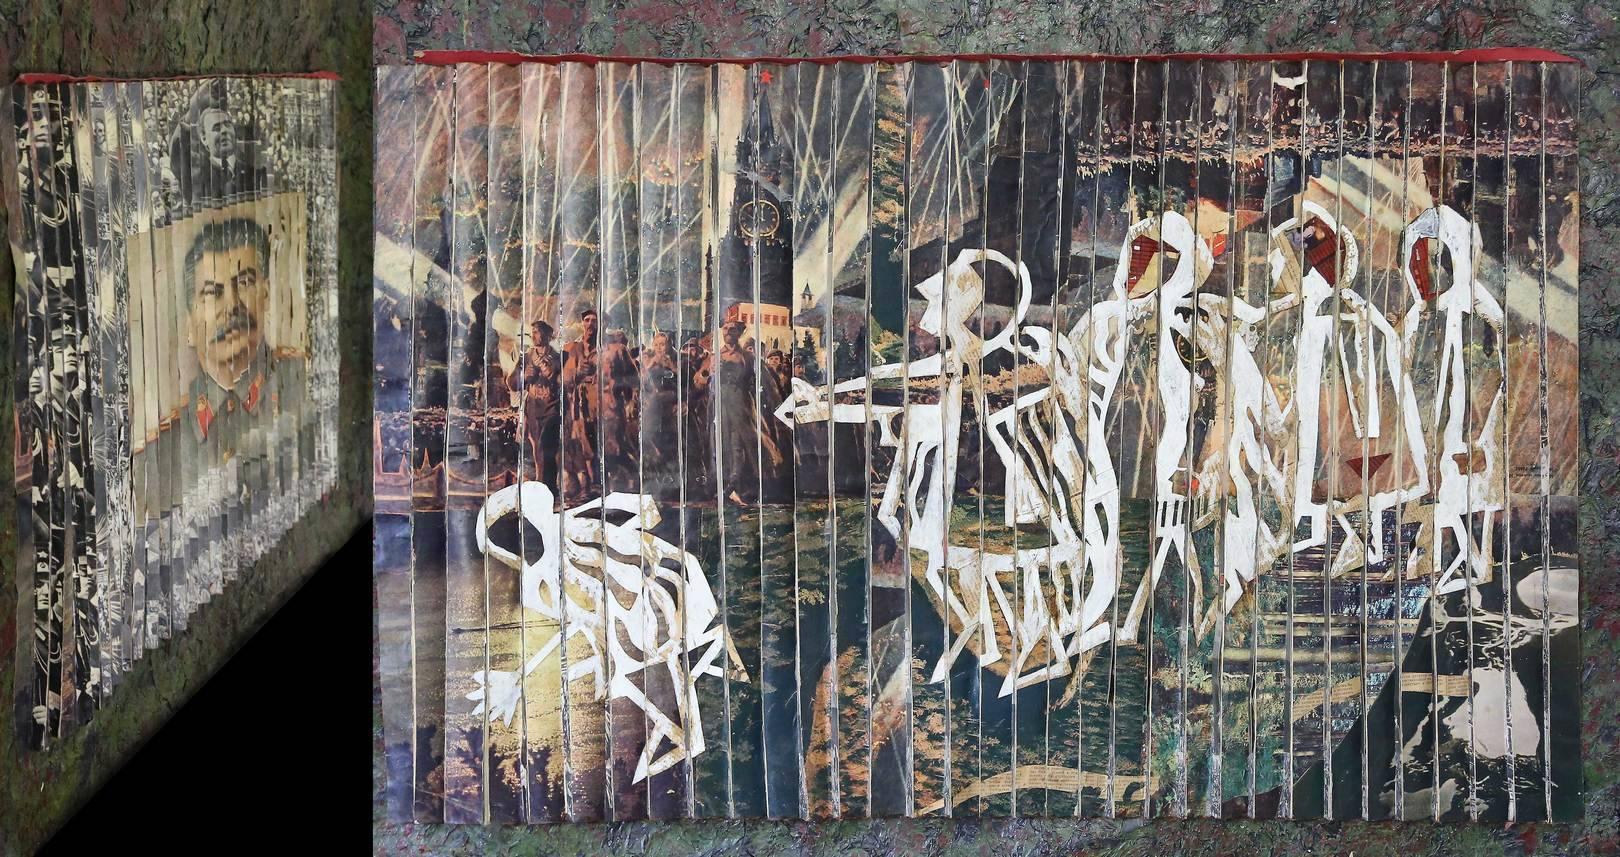 «)МЫ(» Правая часть полиптиха часть потиптиха, 1989 г, 80х120 В огромных дворцах, Не дающих приют, Созерцая миражи в пол-неба, Слепцы, Мнящие себя провидцами...  Мы Распахиваем ворота всякий раз, Когда слышим стук в дверь Или стук сердца...  Осколки прошлого Больно ранят руки - Его не склеить… А. Кобызев